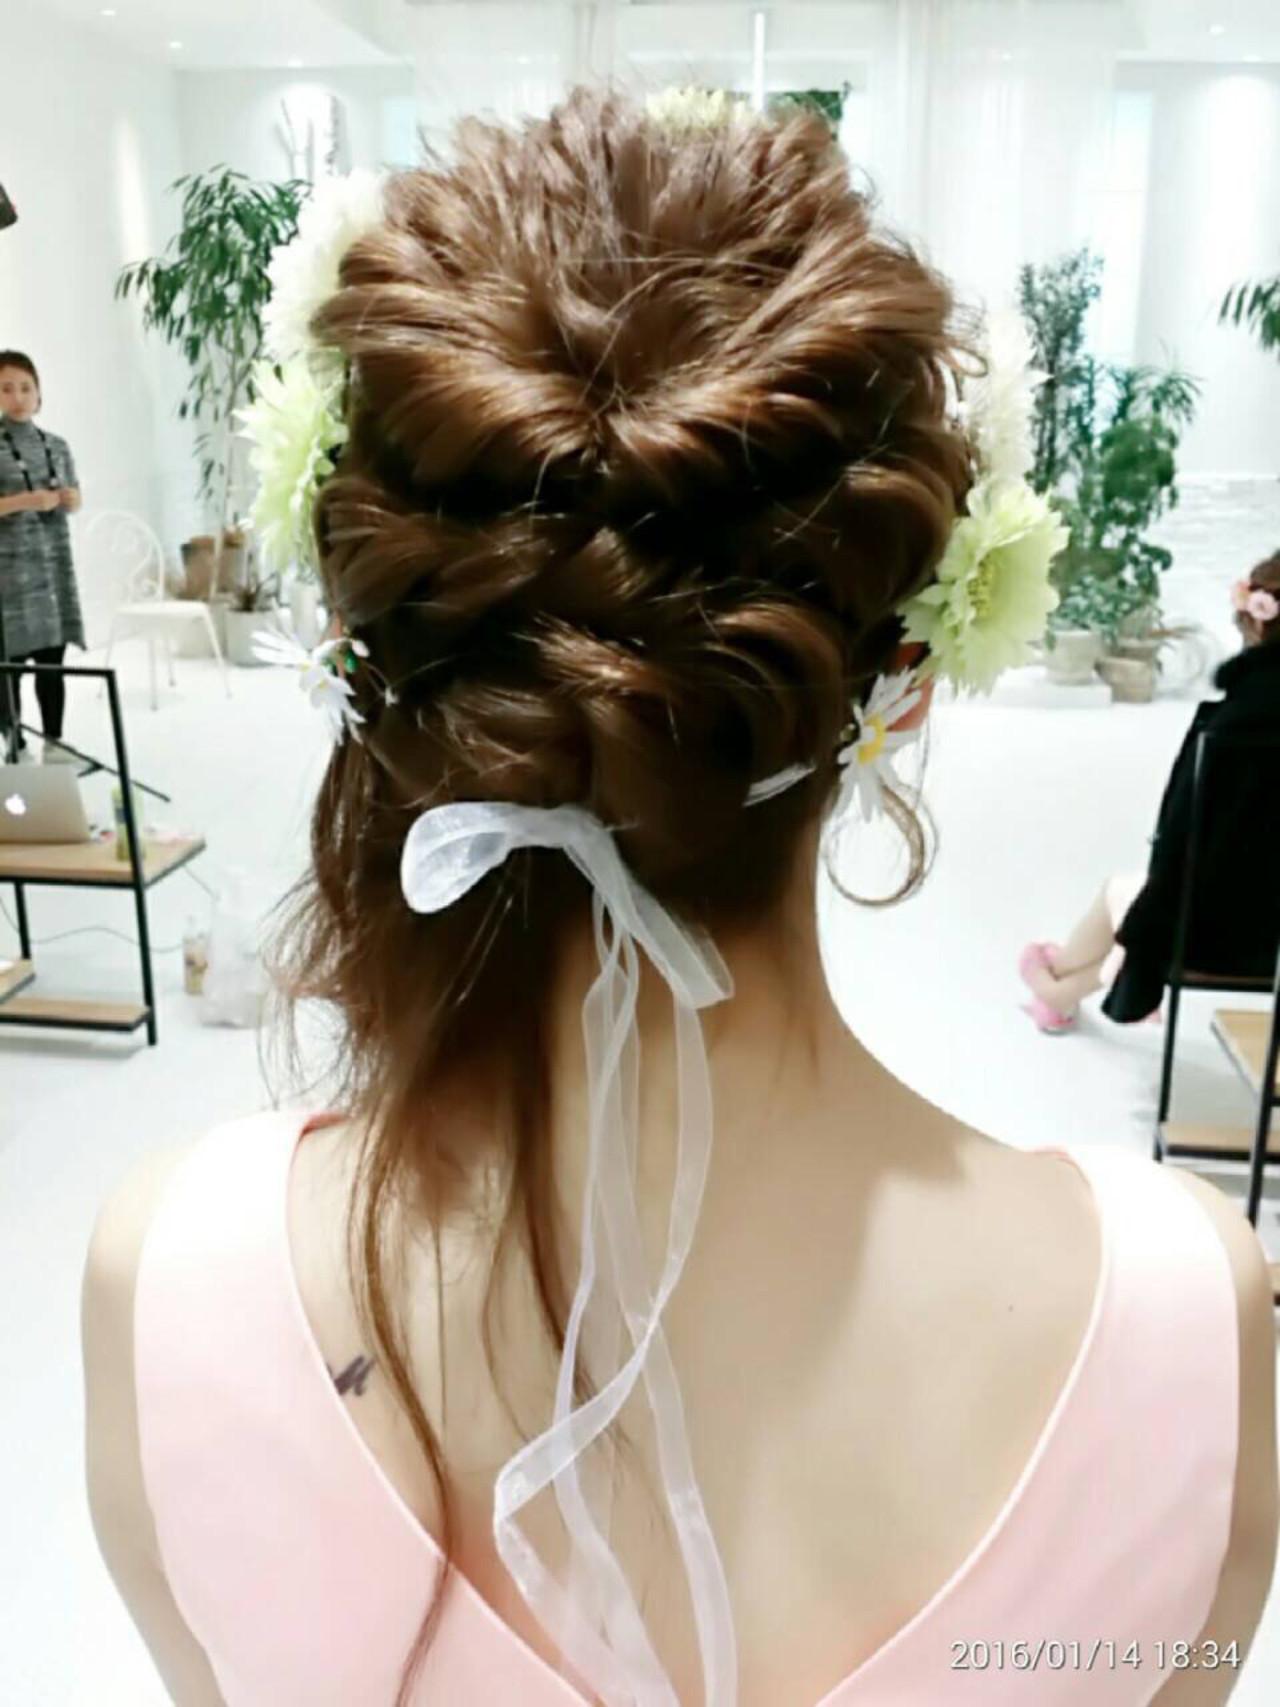 理想の結婚式を叶える♡なりたいイメージ別ウエディングヘアカタログ ナミナミ